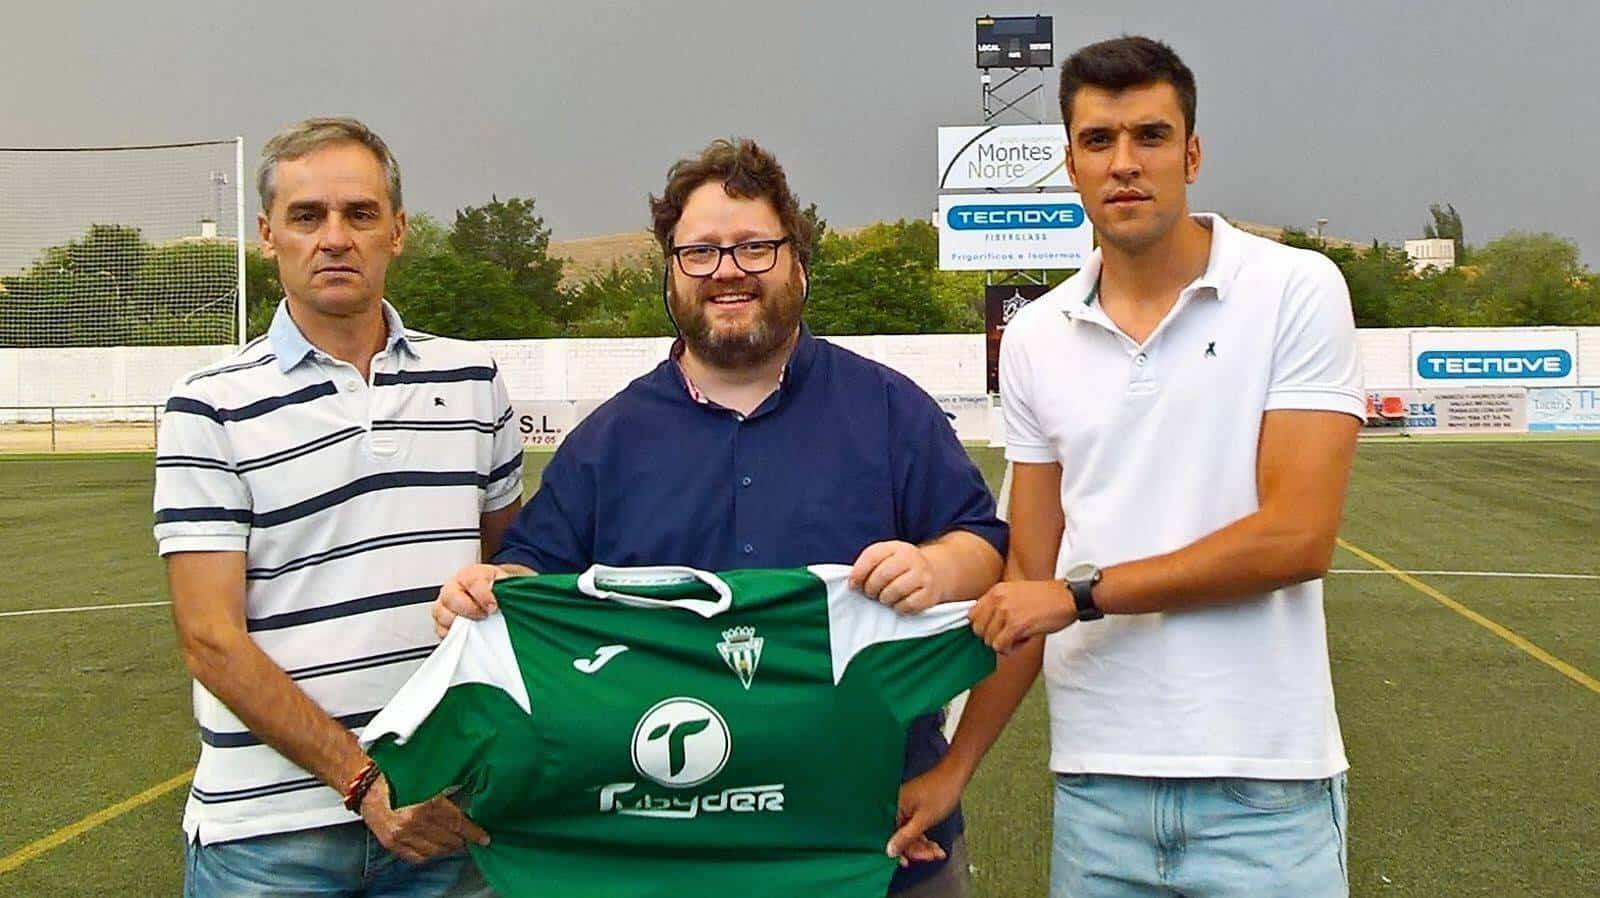 Herencia CF2 - Nuevos entrenadores para los equipos del Herencia C. F.